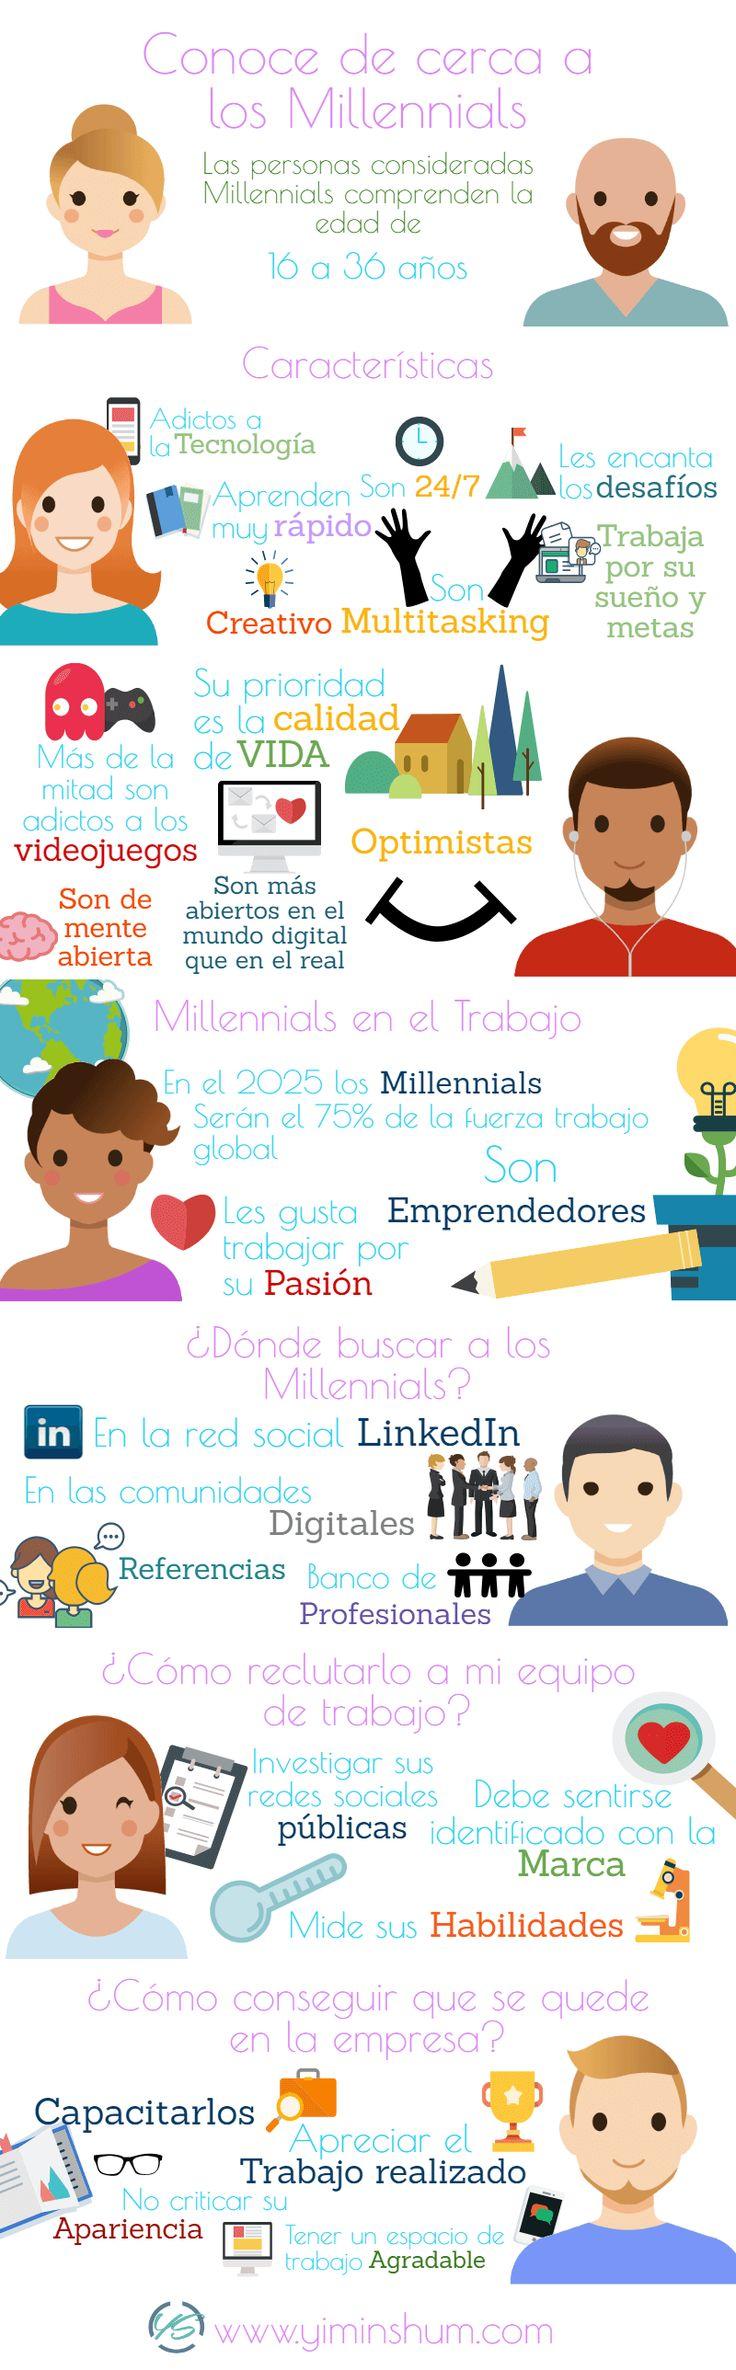 Conoce de cerca a los millenials #infografía